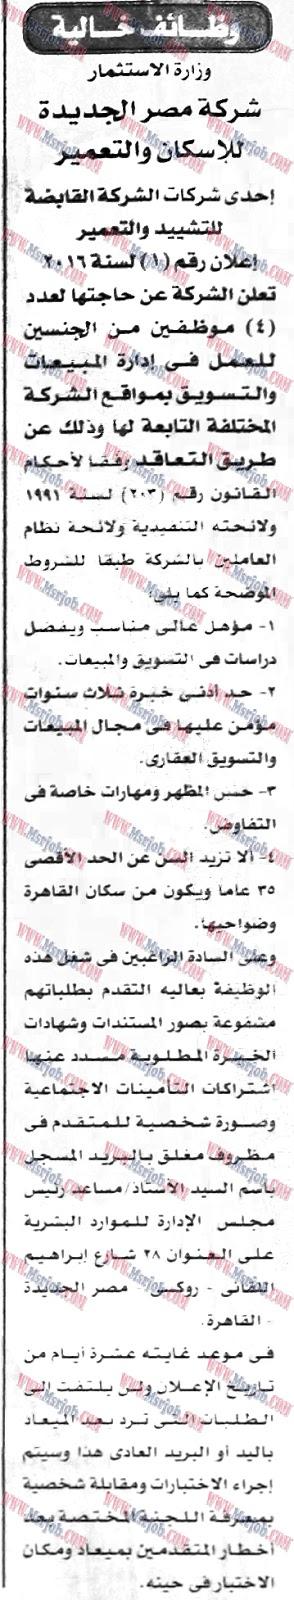 وظائف شركة مصر الجديدة للاسكان والتعمير - اعلان رقم 1 لسنة 2016